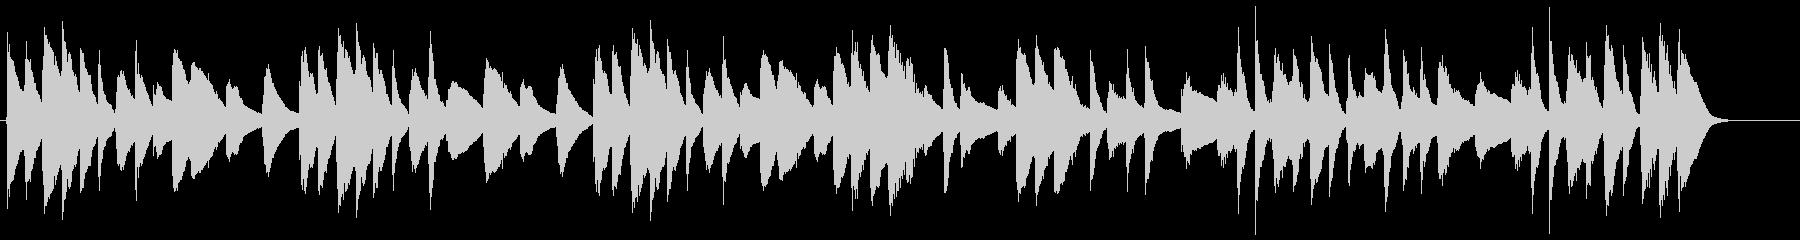 ネットCM 30秒 マリンバ 日常の未再生の波形